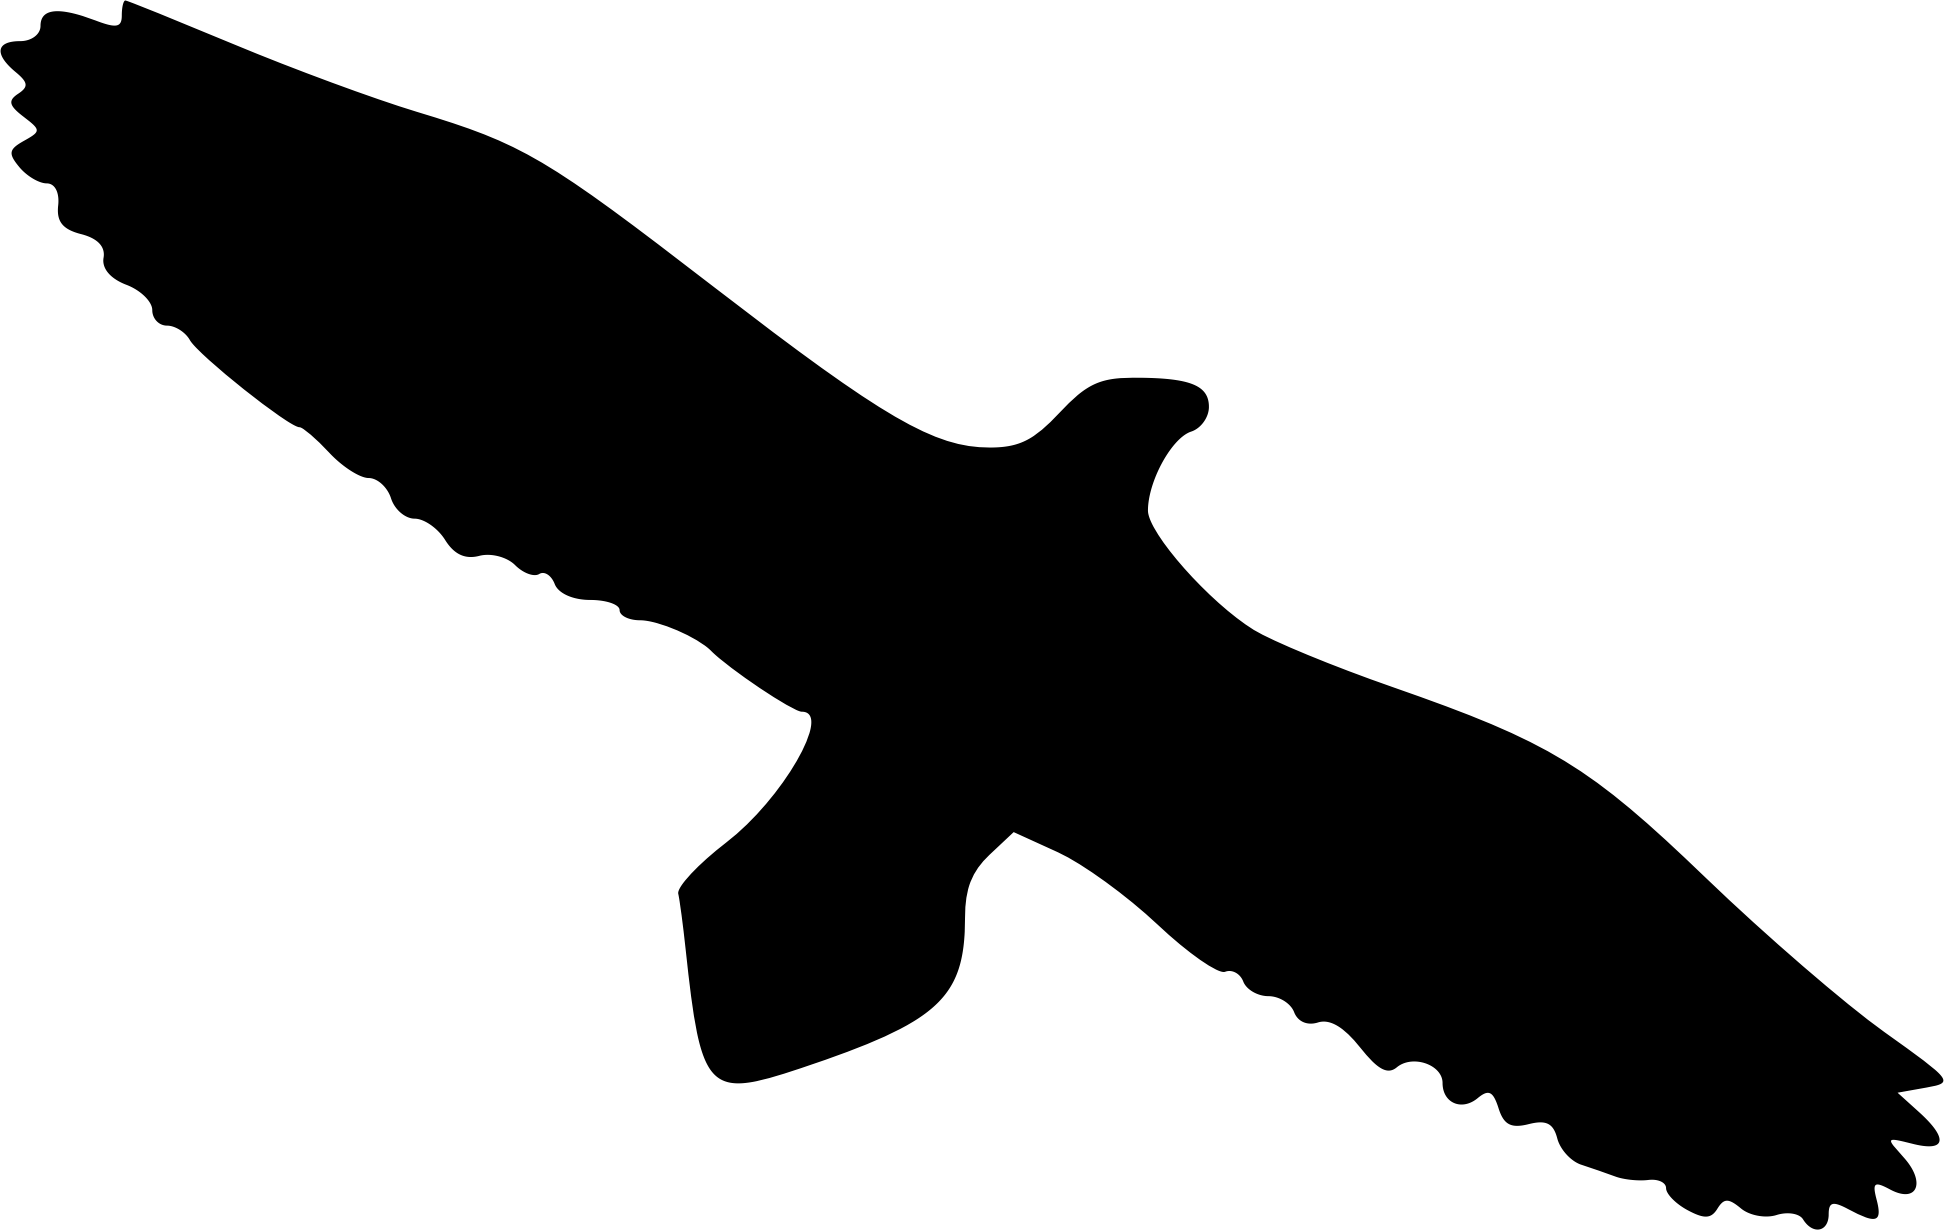 Clipart - Eagle silhouette 4 - Eagle Face Silhouette